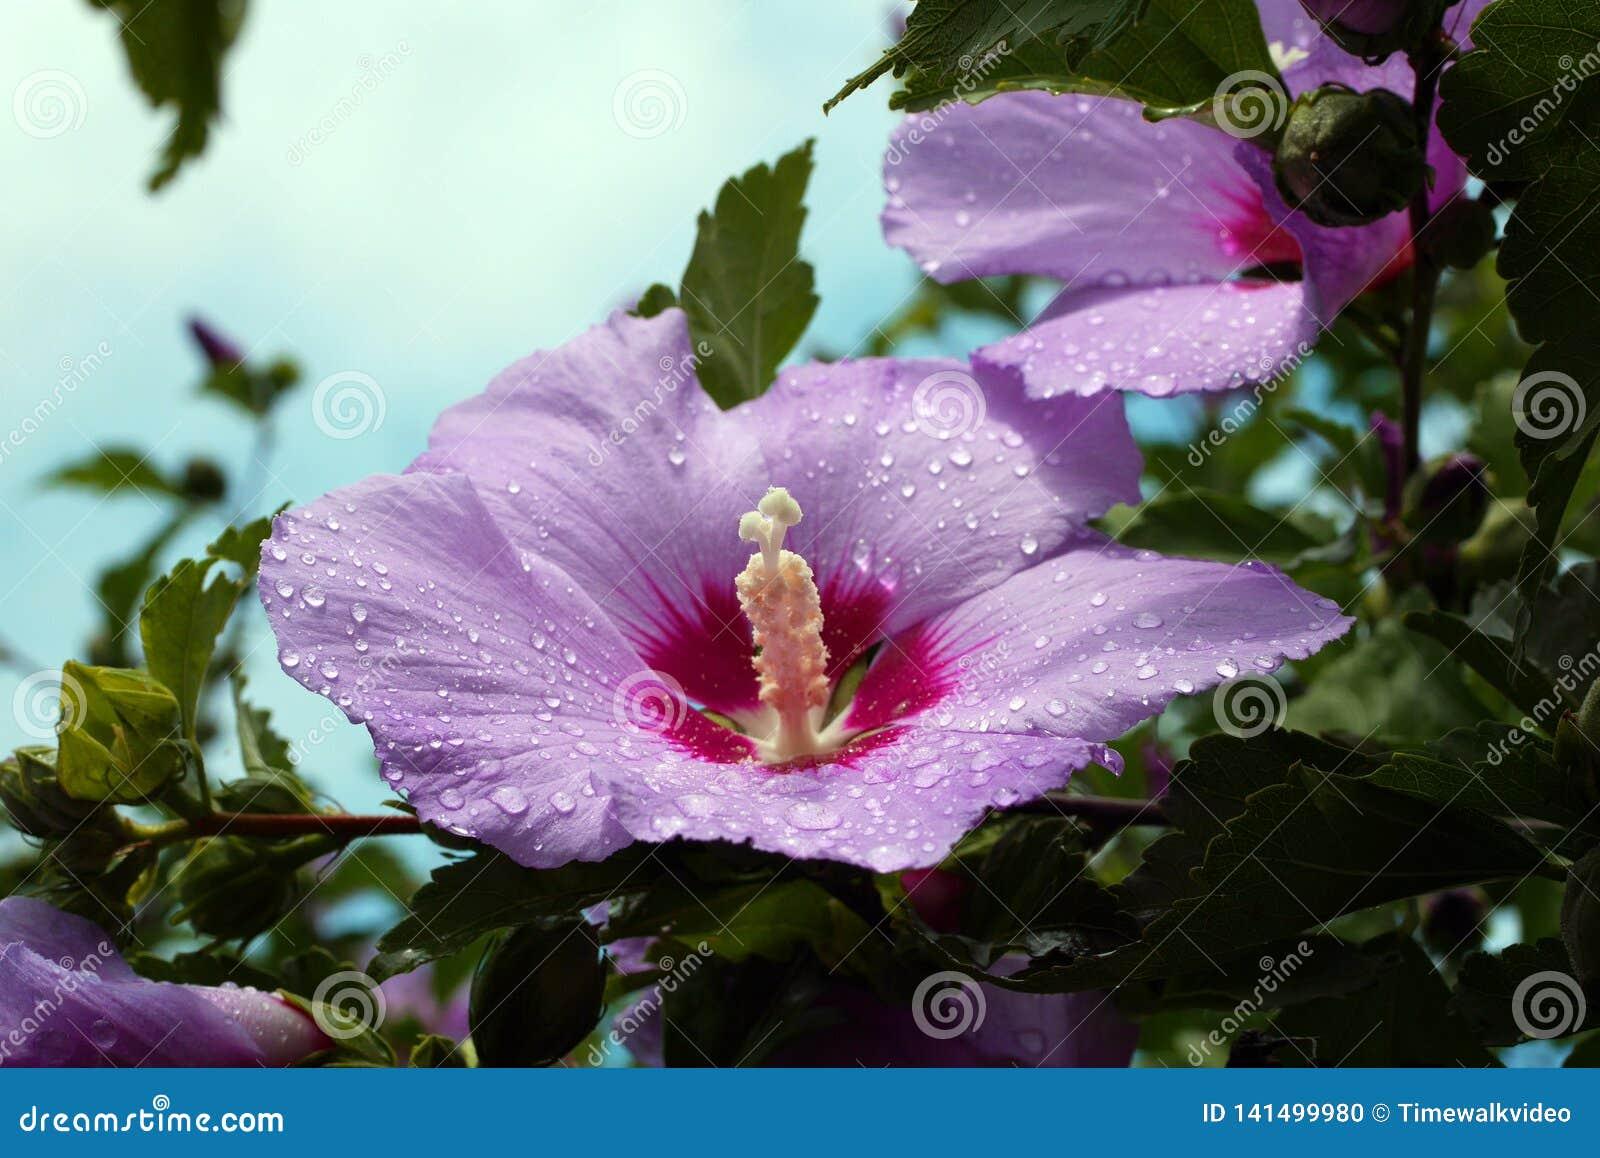 Goccioline della rugiada sul rosa sbalorditivo e sul fiore porpora